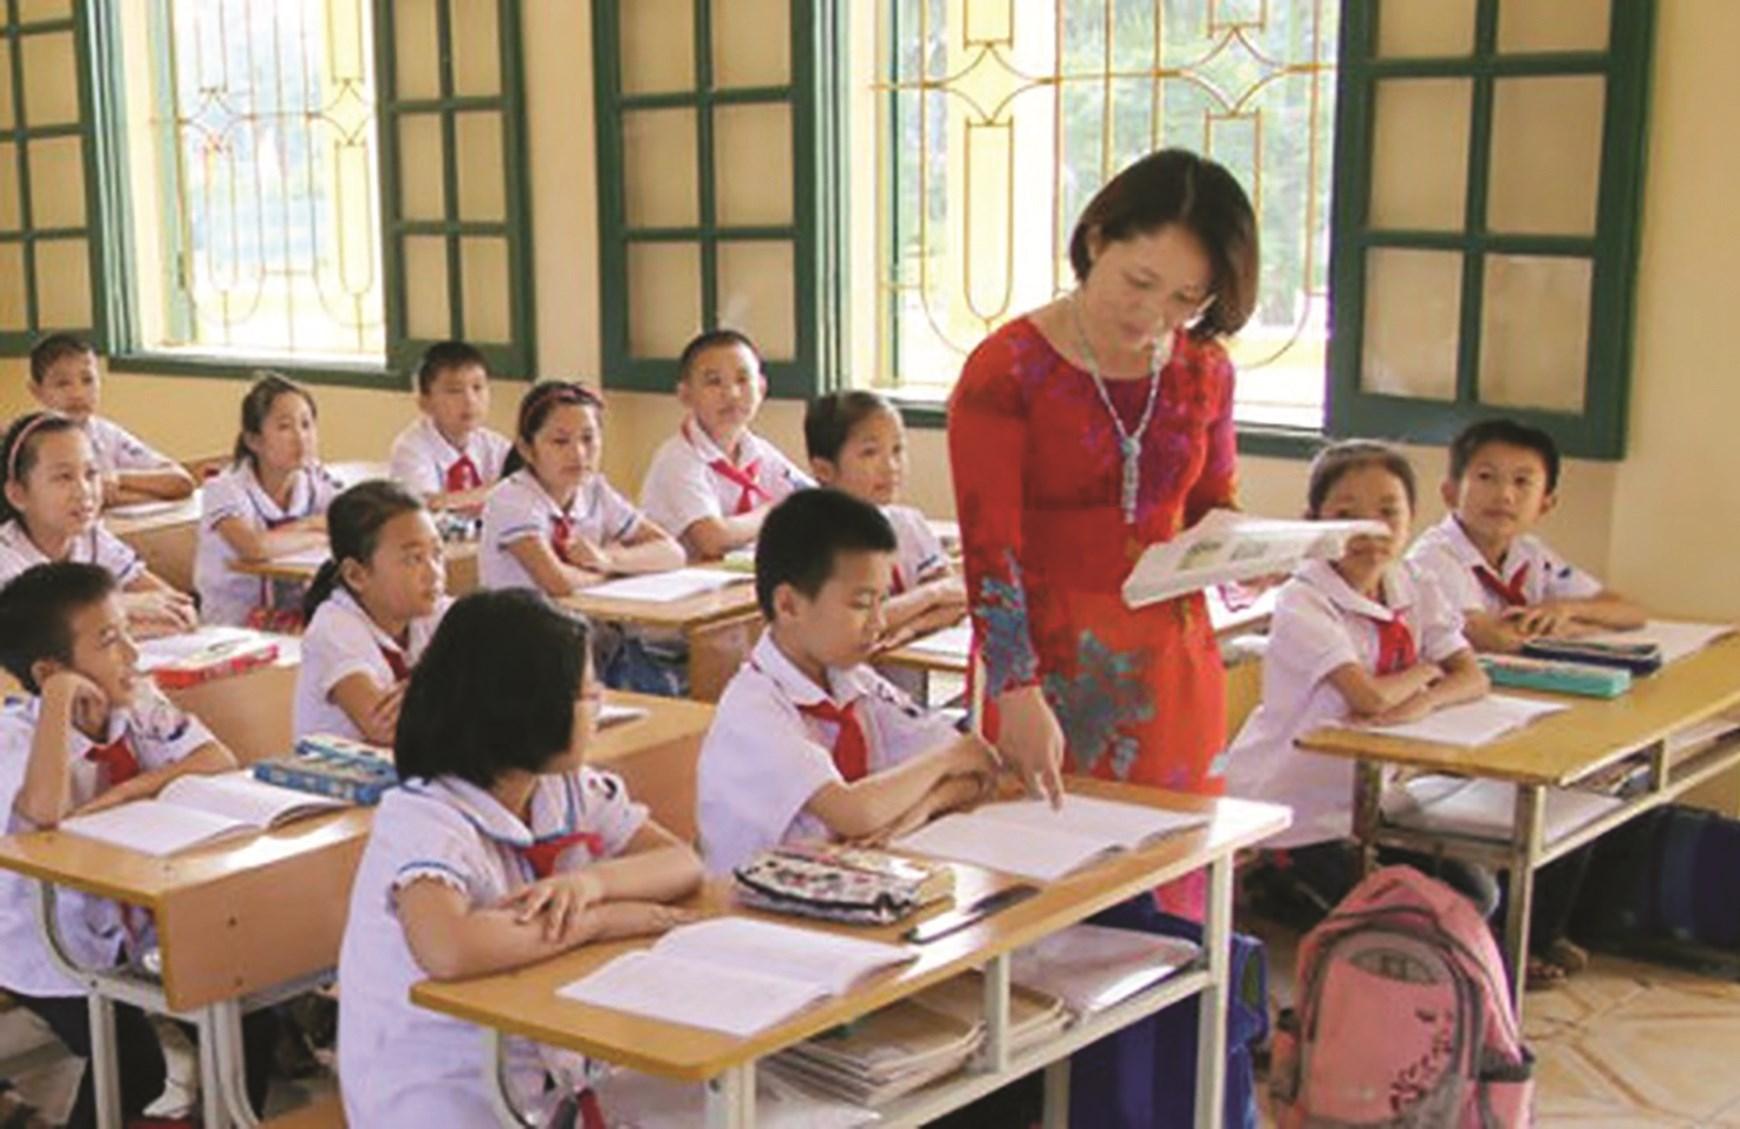 Cần giảm tải gánh nặng sổ sách để giáo viên có thời gian bồi dưỡng về chuyên môn. Ảnh minh họa